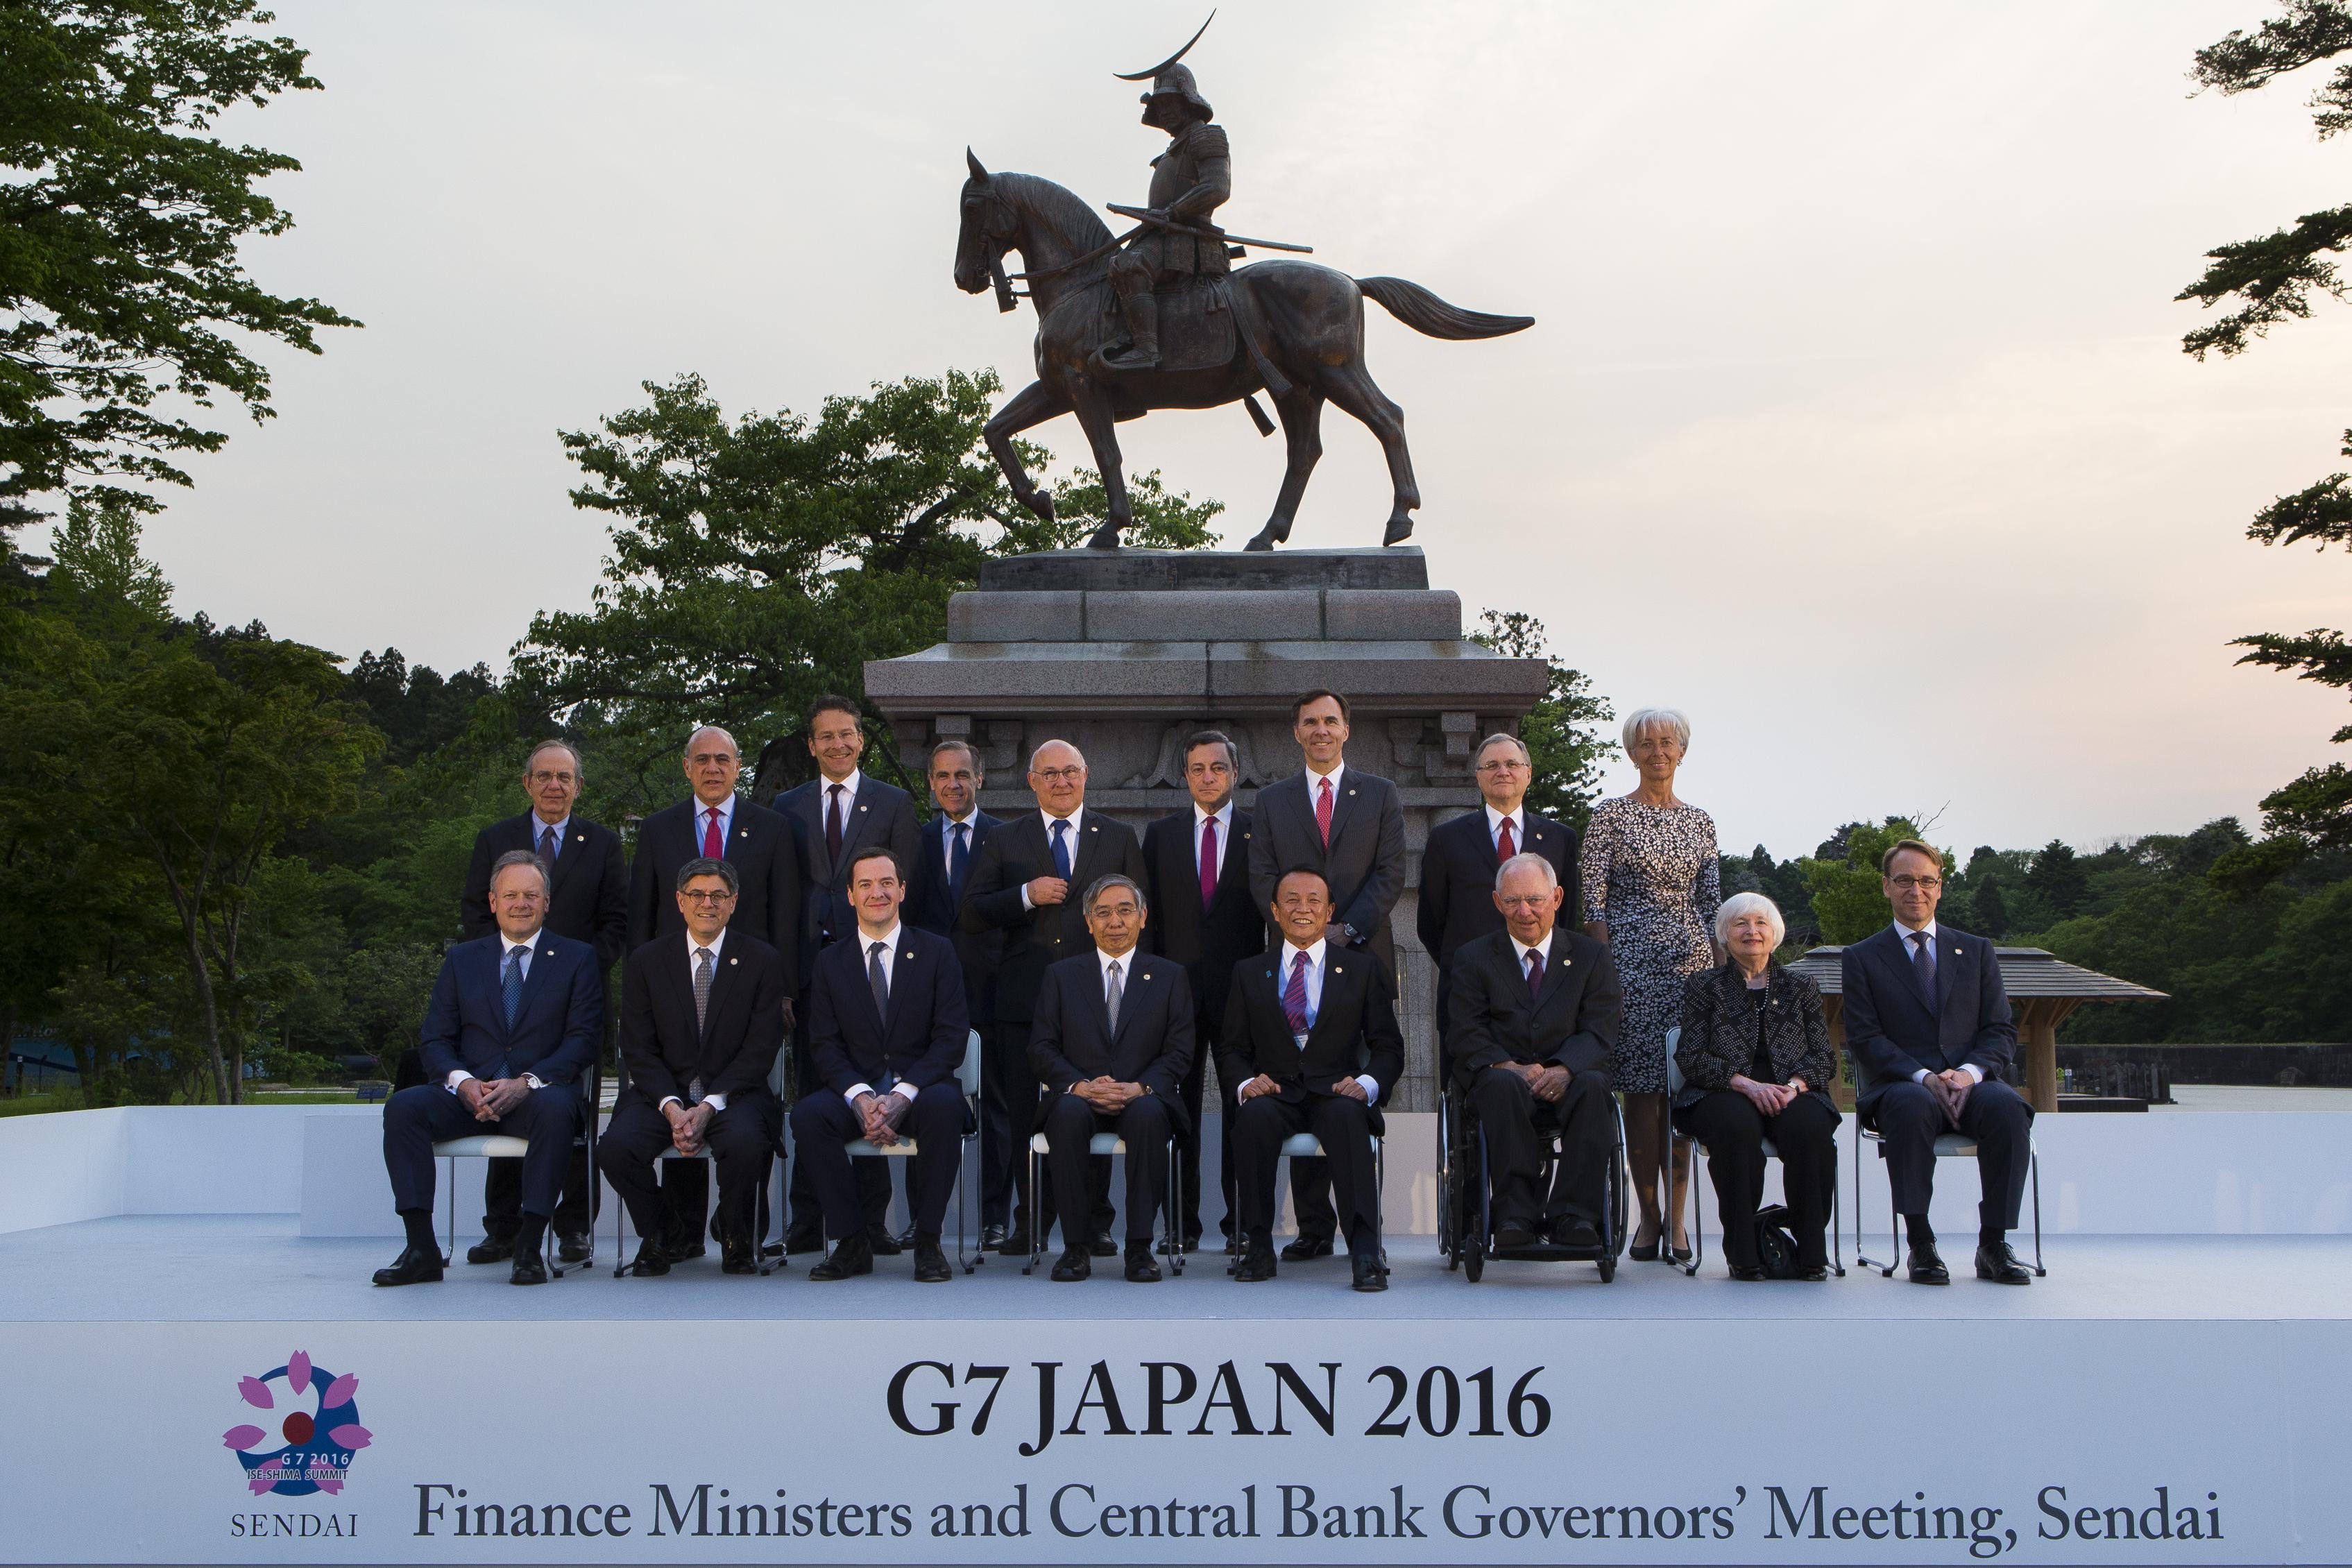 世界の経済界の重鎮が集まるあのG7になんと!通訳で行ってきました...